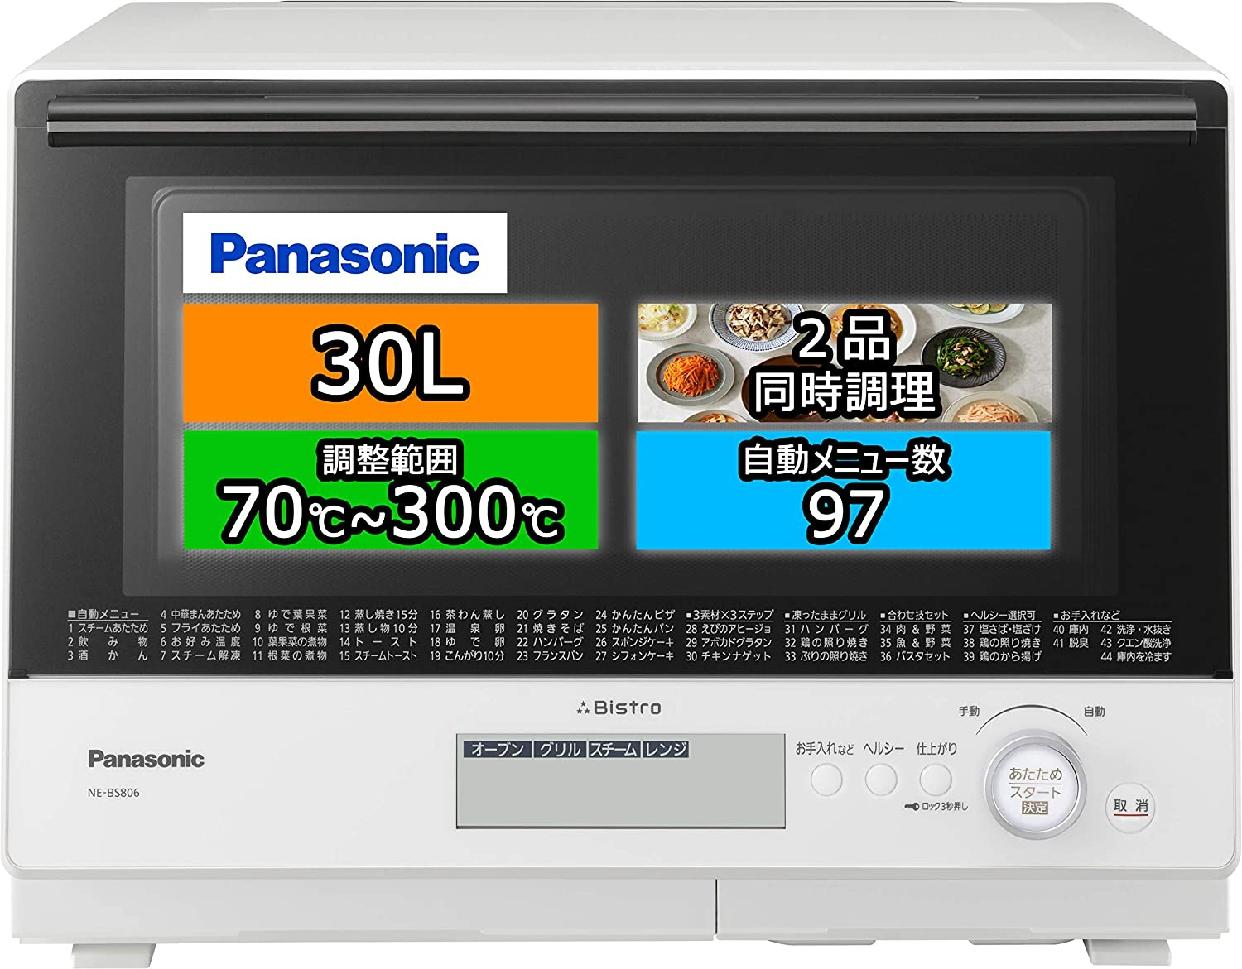 Panasonic(パナソニック) ビストロ スチームオーブンレンジ NE-BS806の商品画像